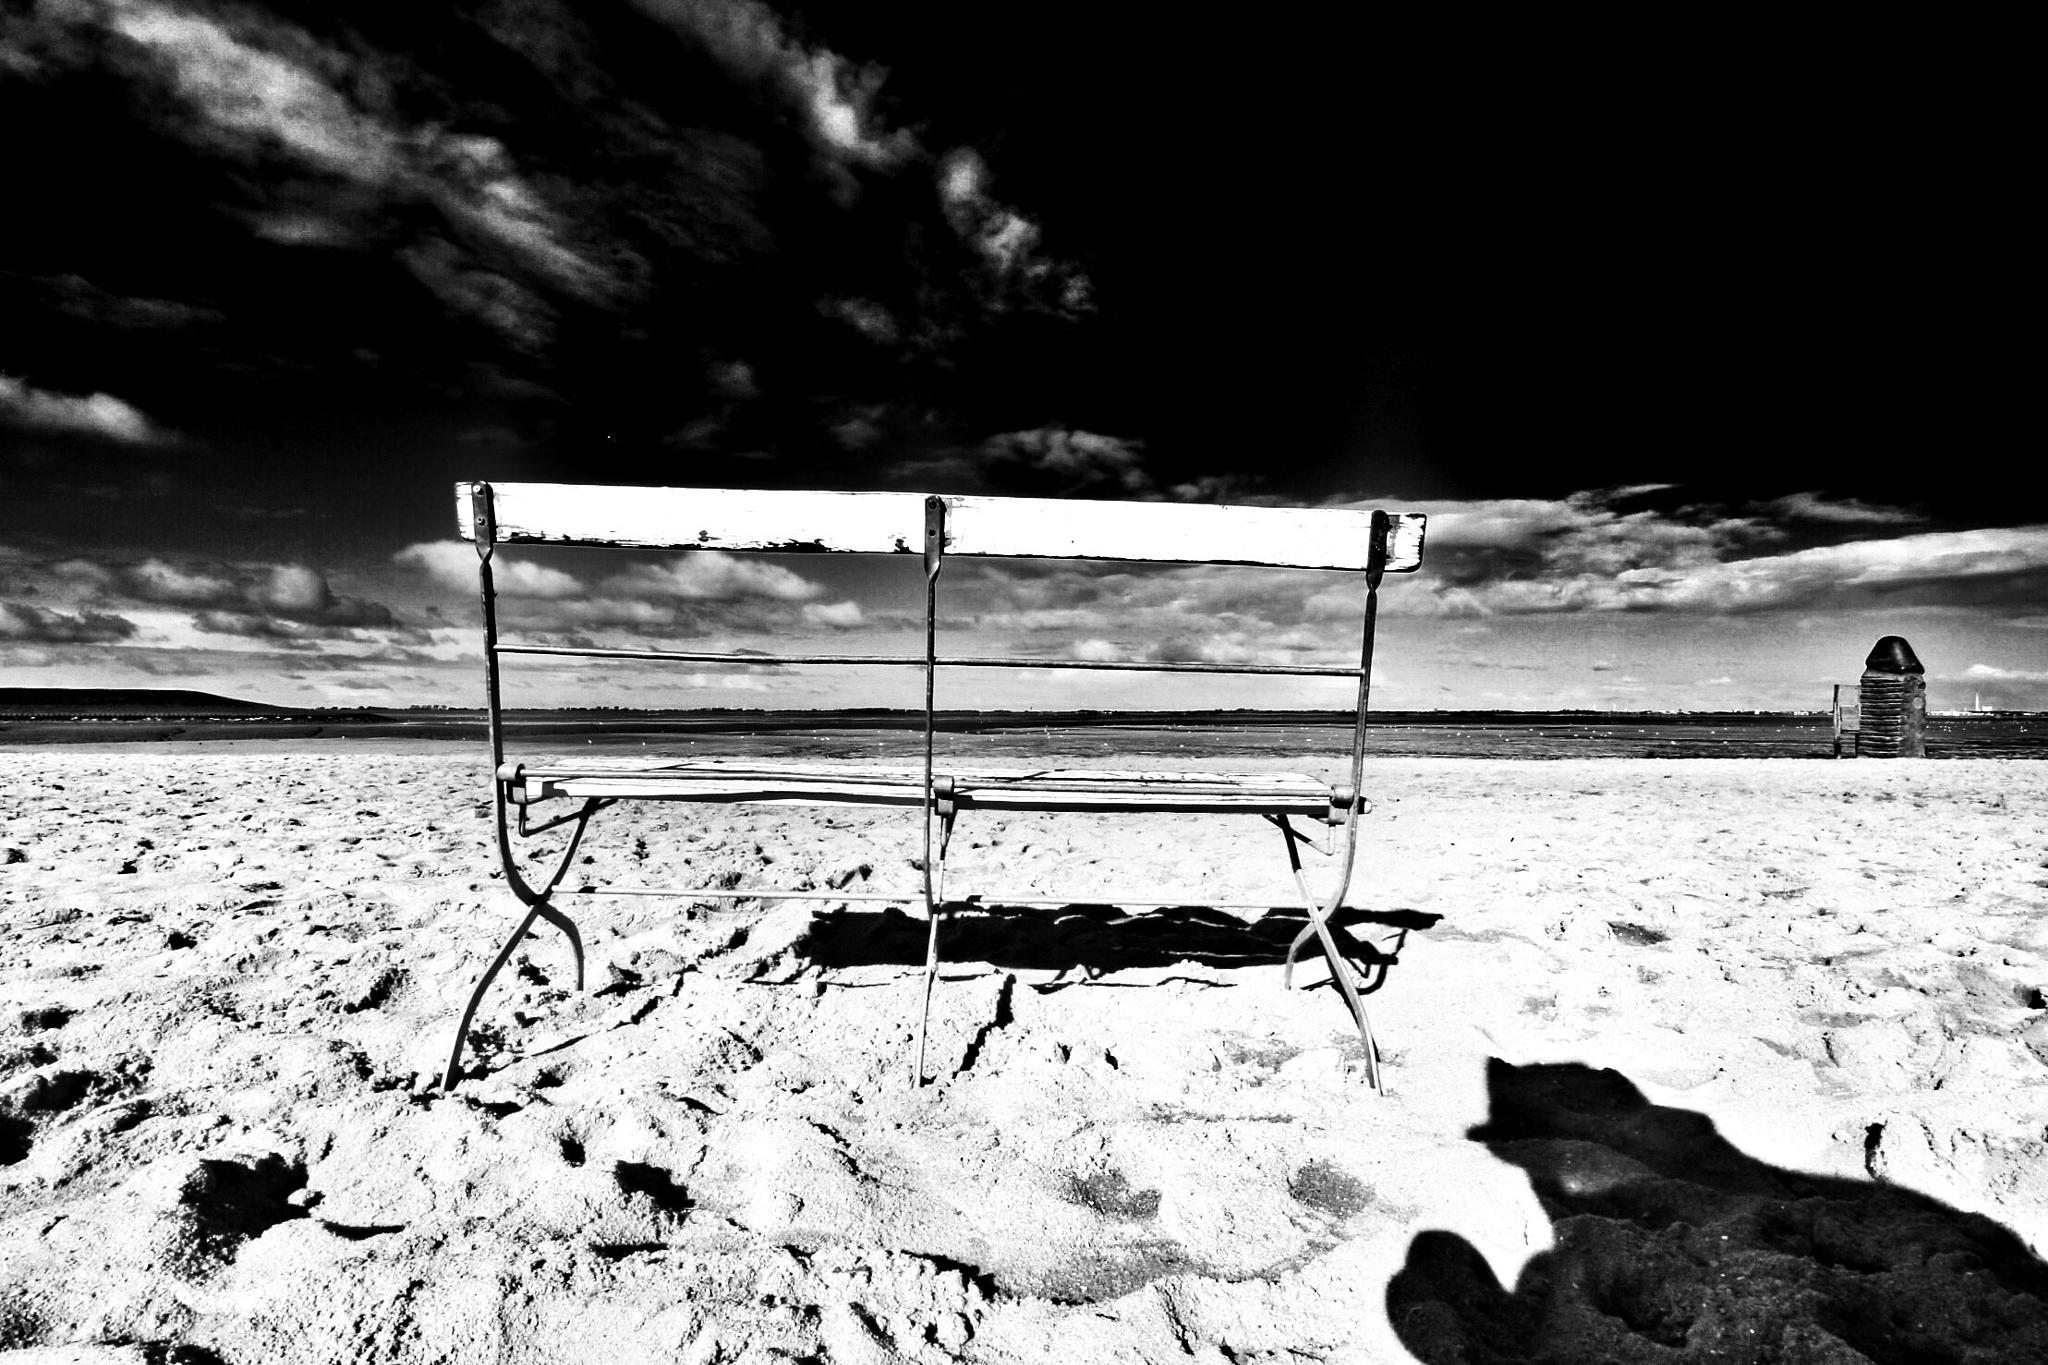 Alone In Dangast by Harry Schäfer